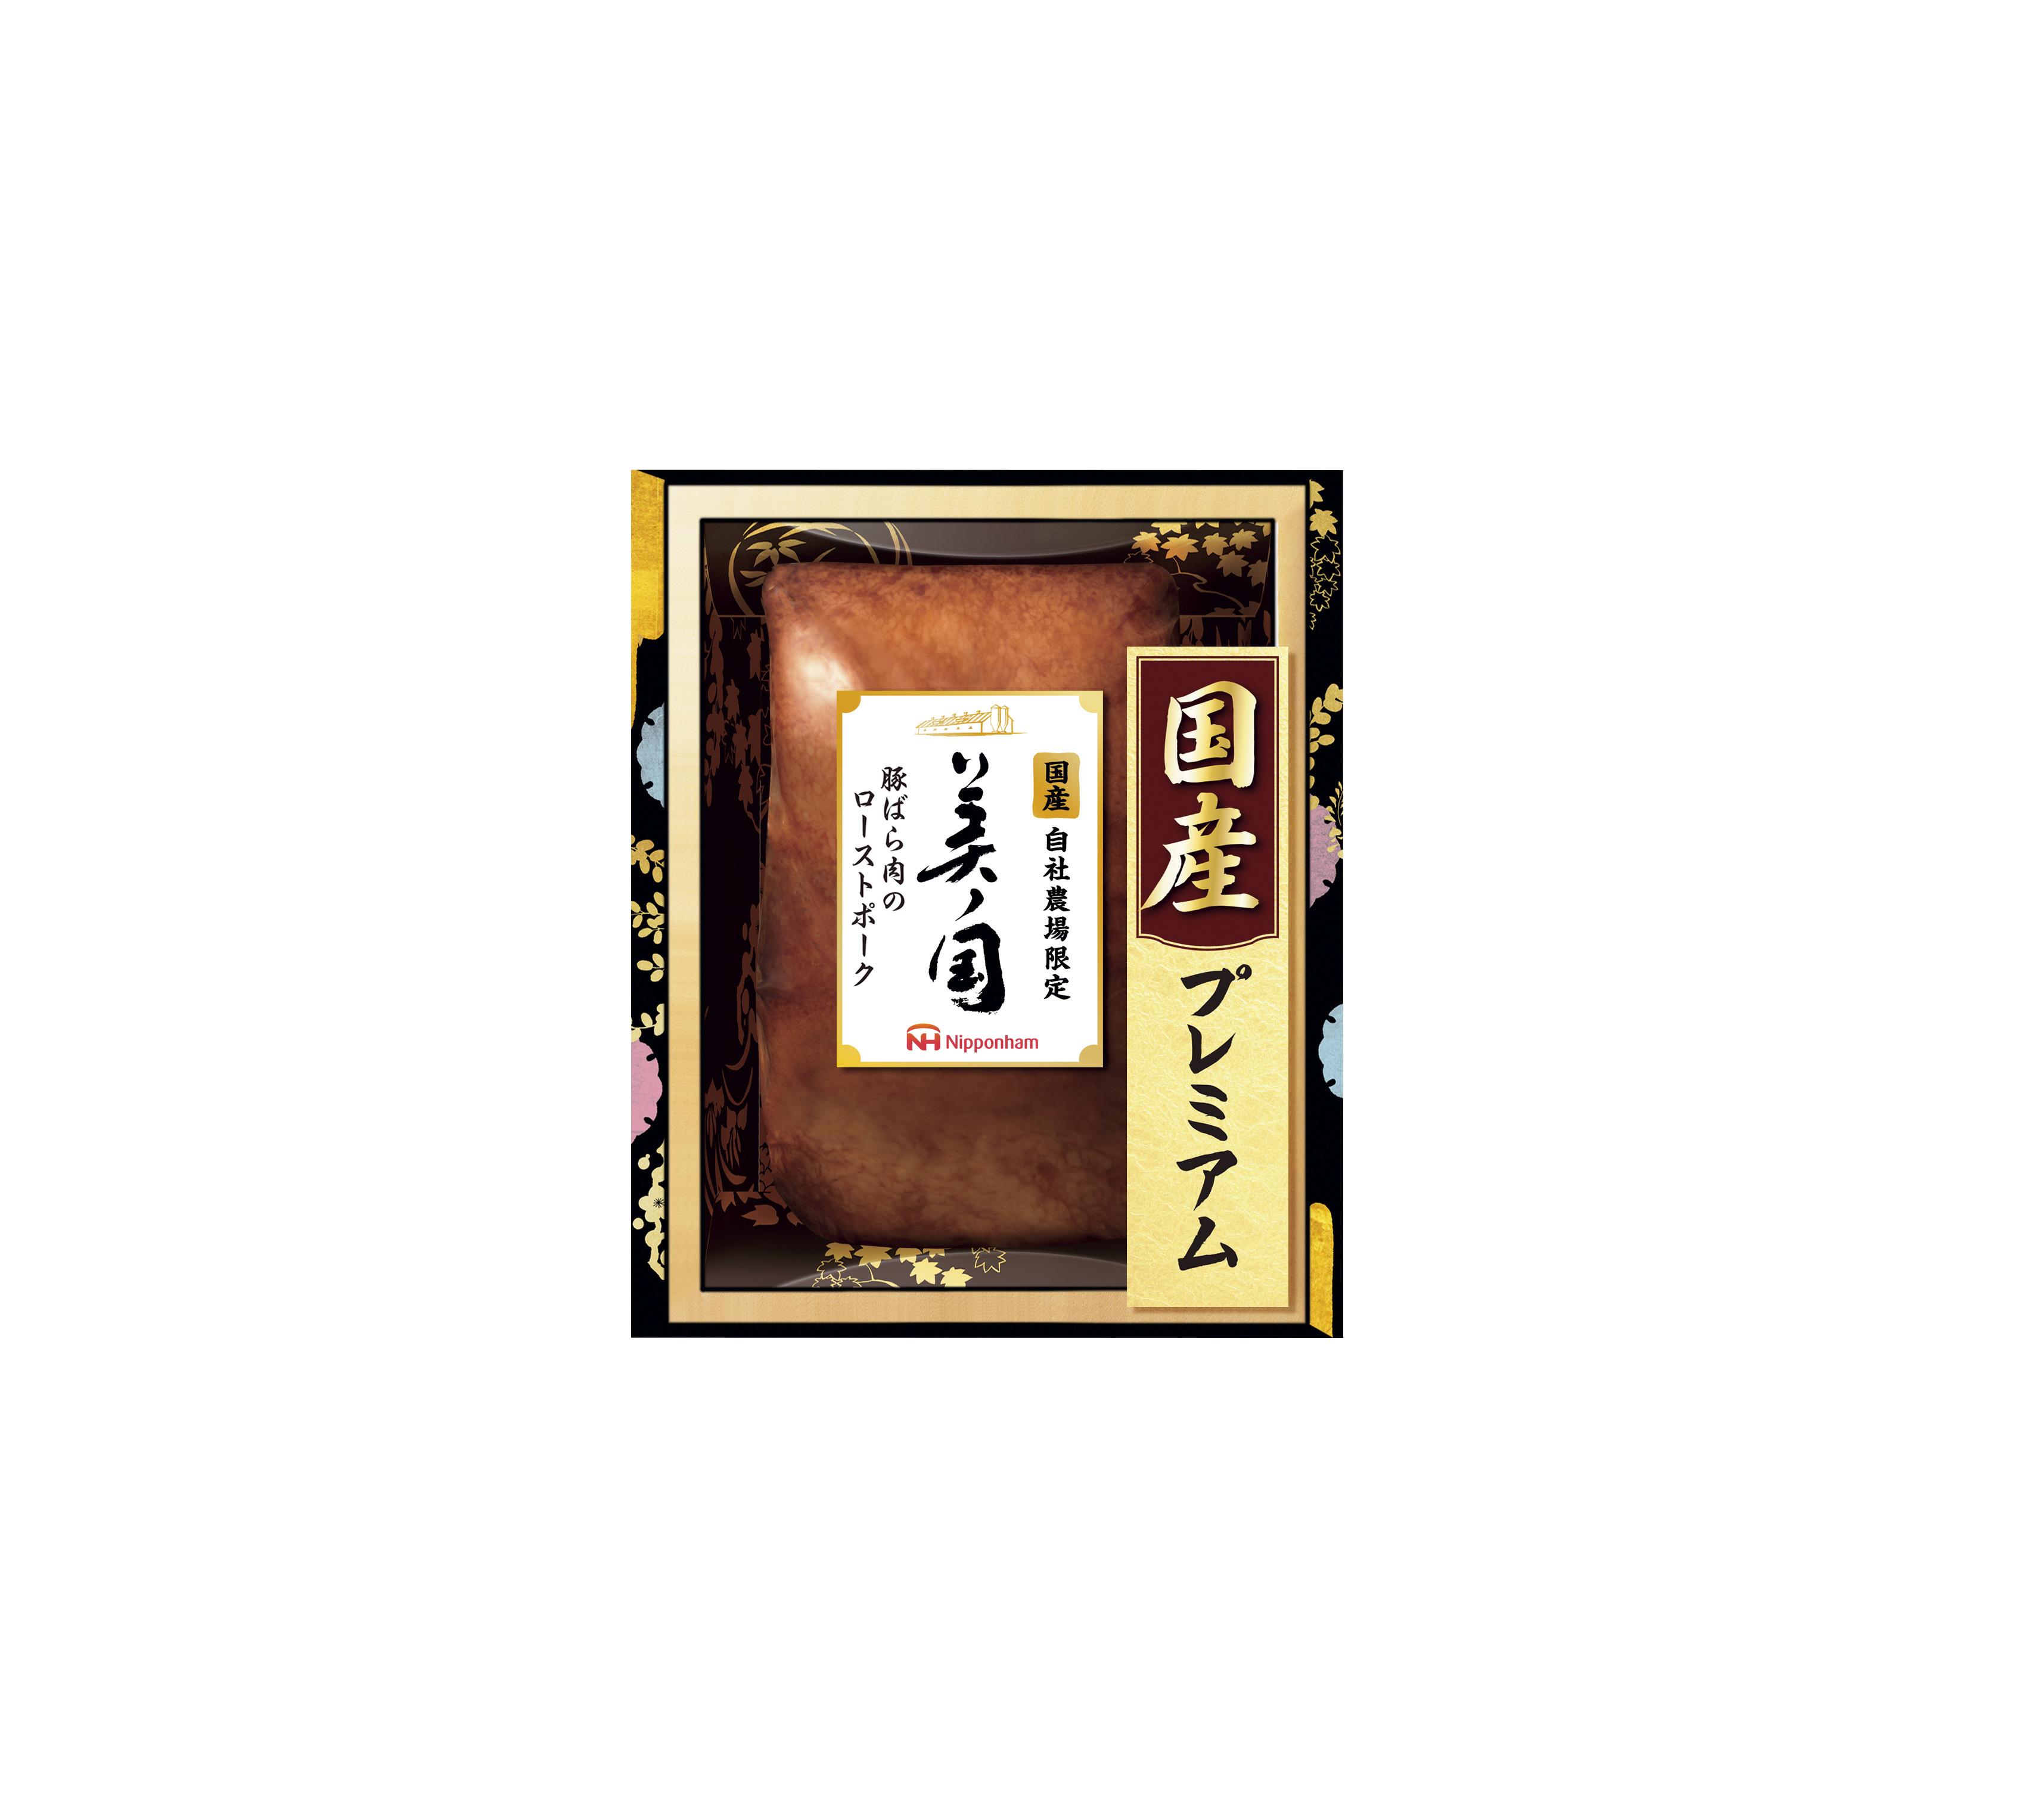 【送料無料】043 日本ハム 国産プレミアム 美ノ国ギフト<UKI-360>【御歳暮】【お歳暮】【お届け期間:11/17~12/21】